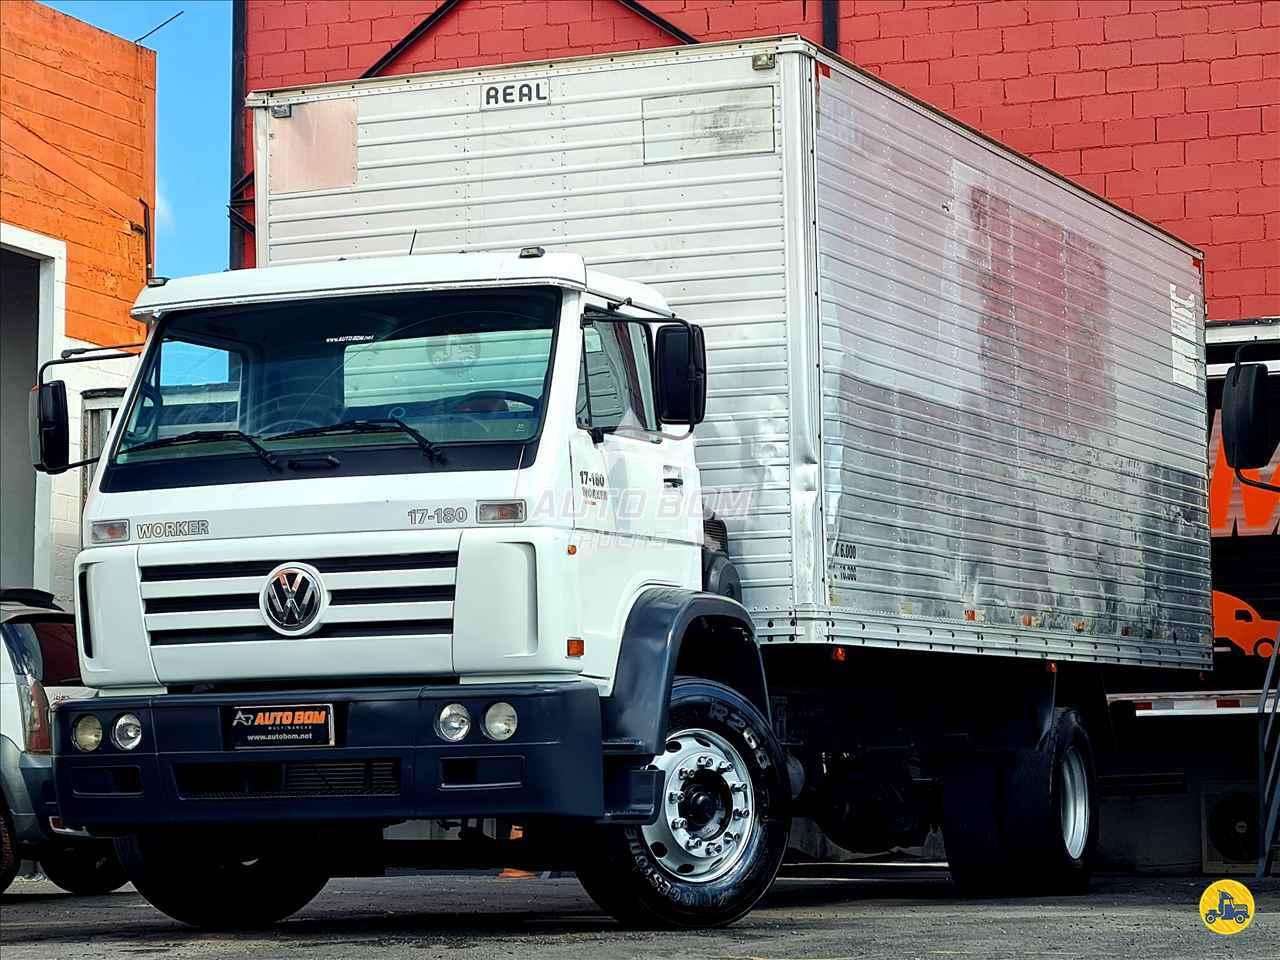 CAMINHAO VOLKSWAGEN VW 17180 Baú Furgão Toco 4x2 Autobom Trucks CONTAGEM MINAS GERAIS MG